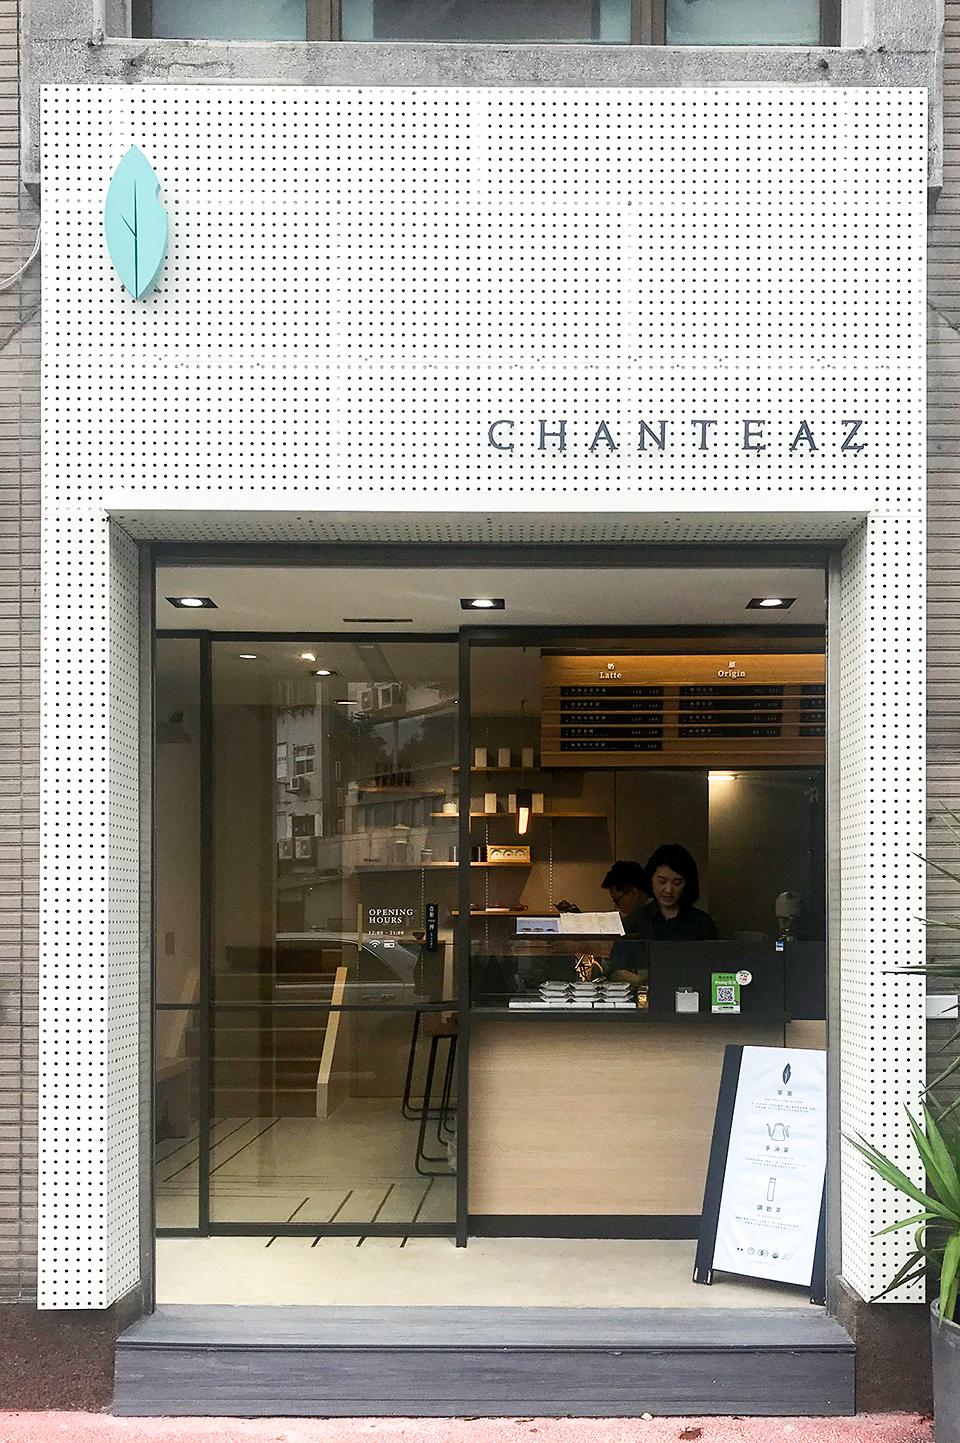 賦茶 Chanteaz